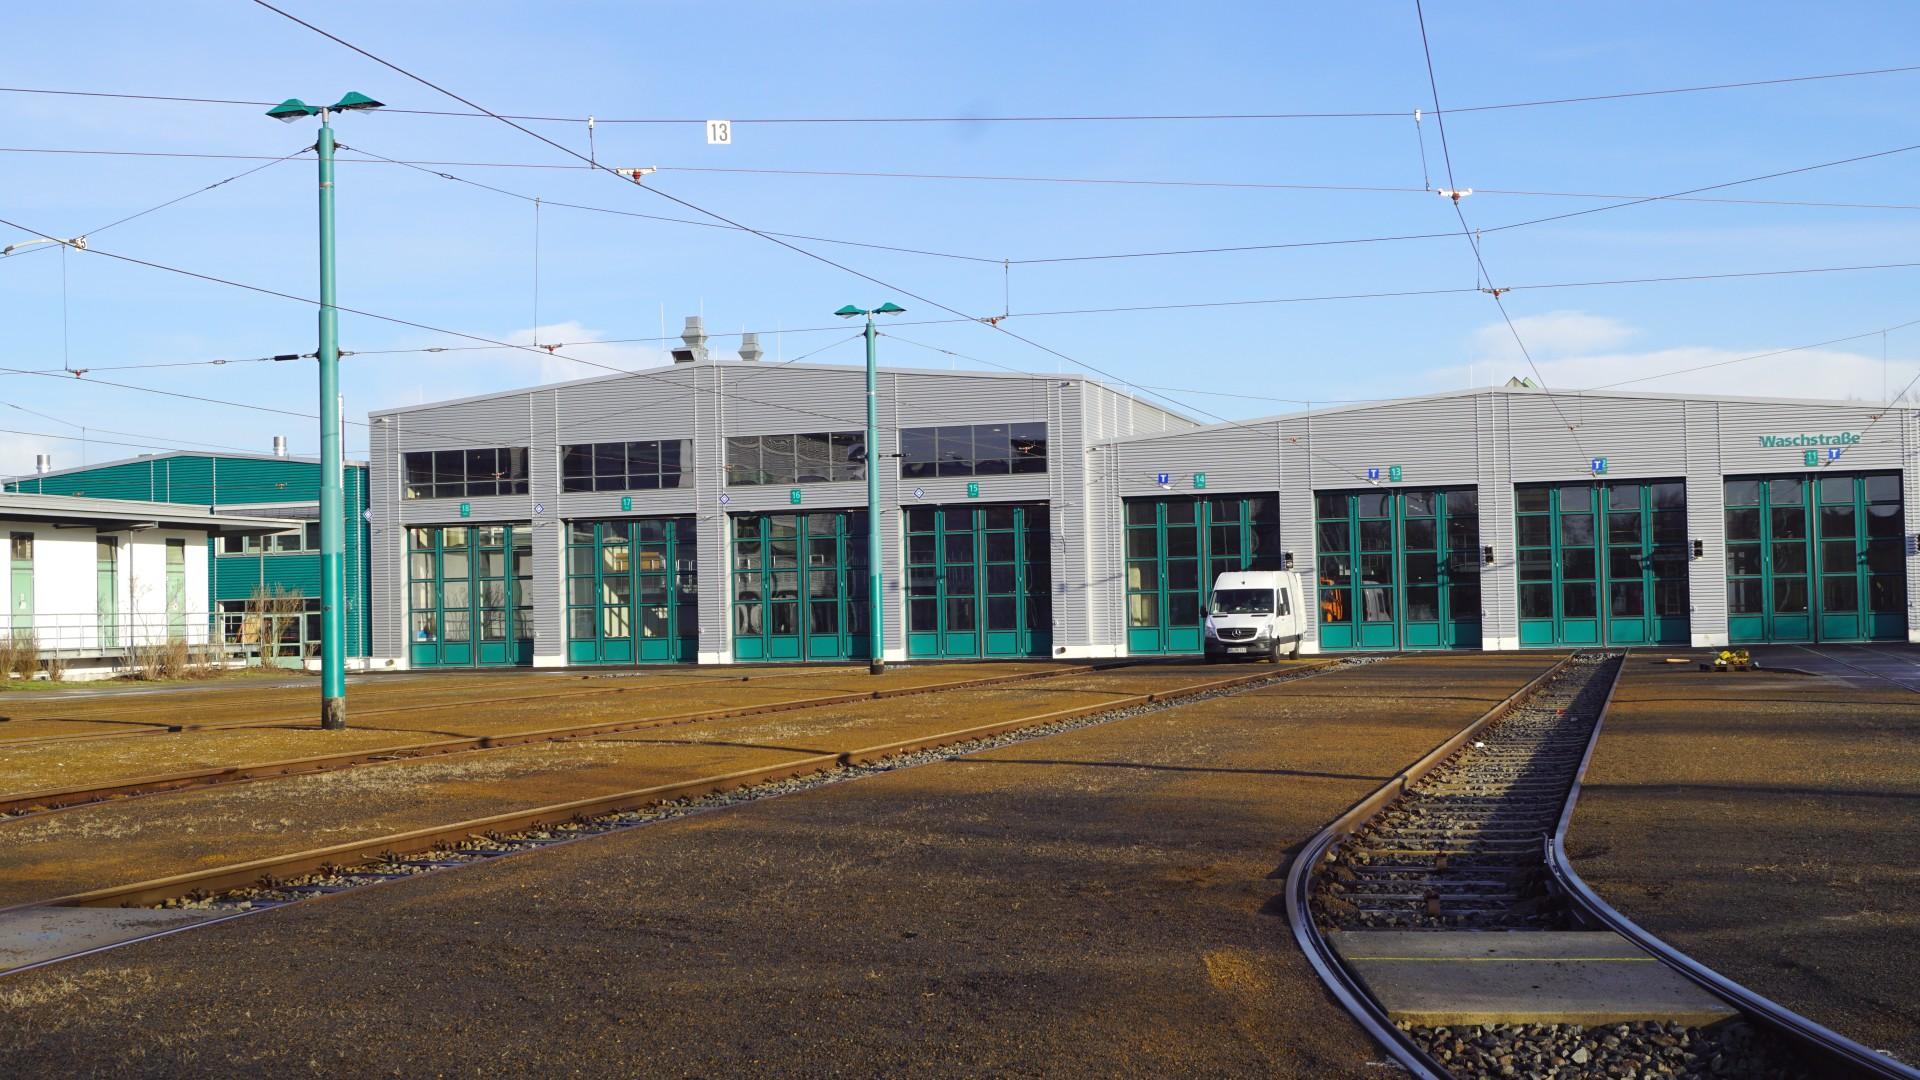 Werkstatthallenerweiterung auf dem Betriebshof ViP mit neuen Toren, © ViP